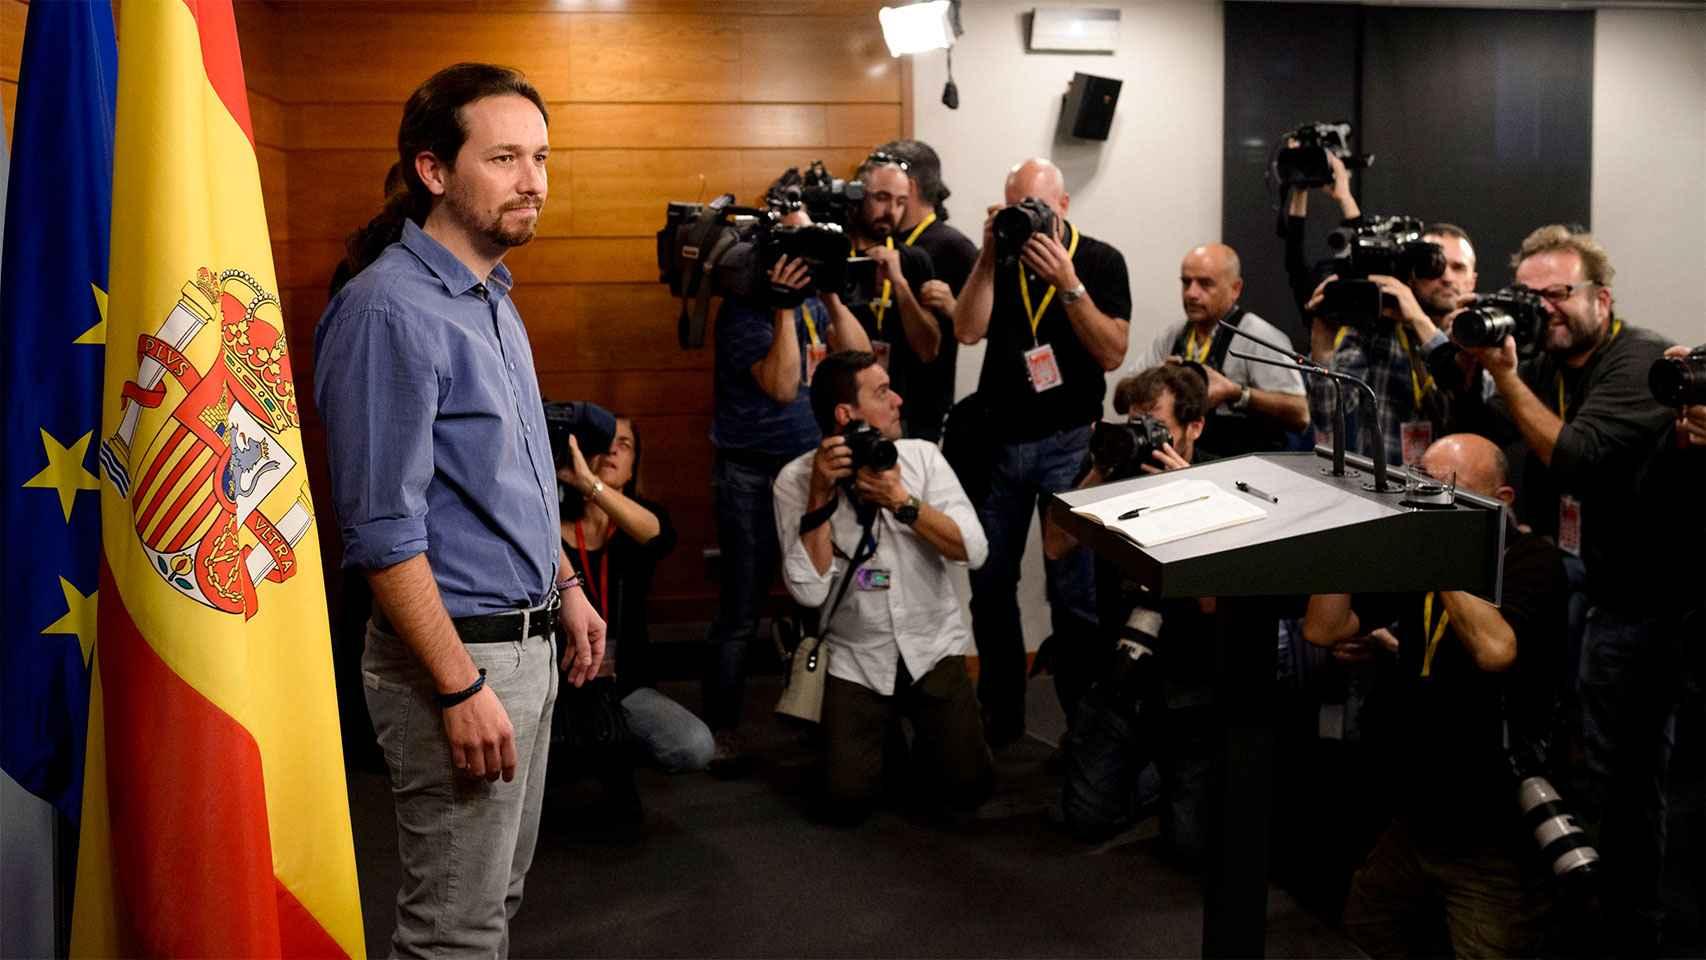 Pablo Iglesias Y Podemos Pablo Iglesias Pide A Rajoy Que